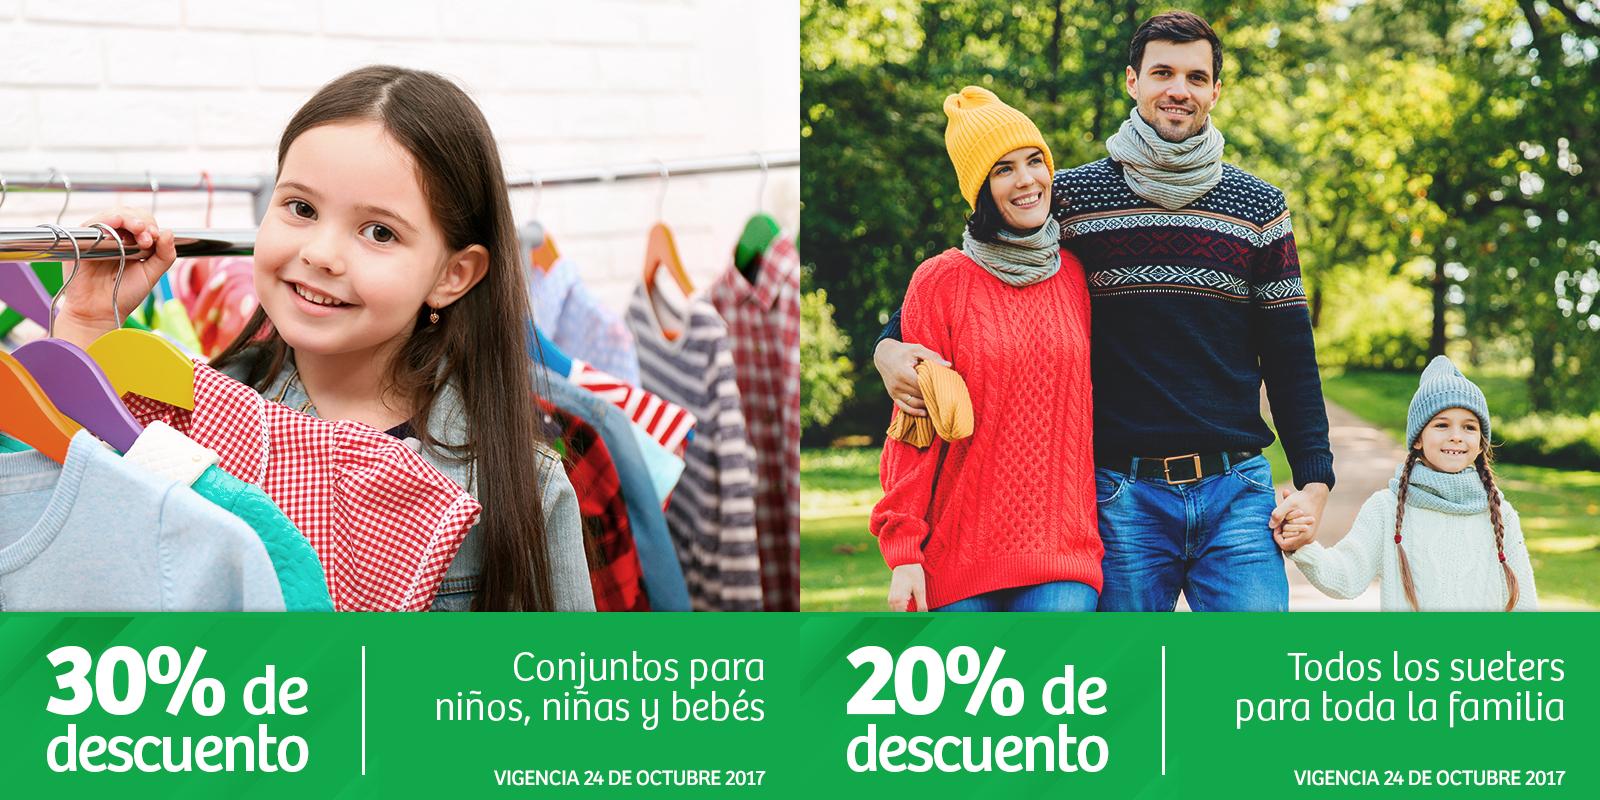 Soriana Híper: 30% de descuento en conjuntos para niños, niñas y bebés... 20% de descuento en todos los suéteres para toda la familia